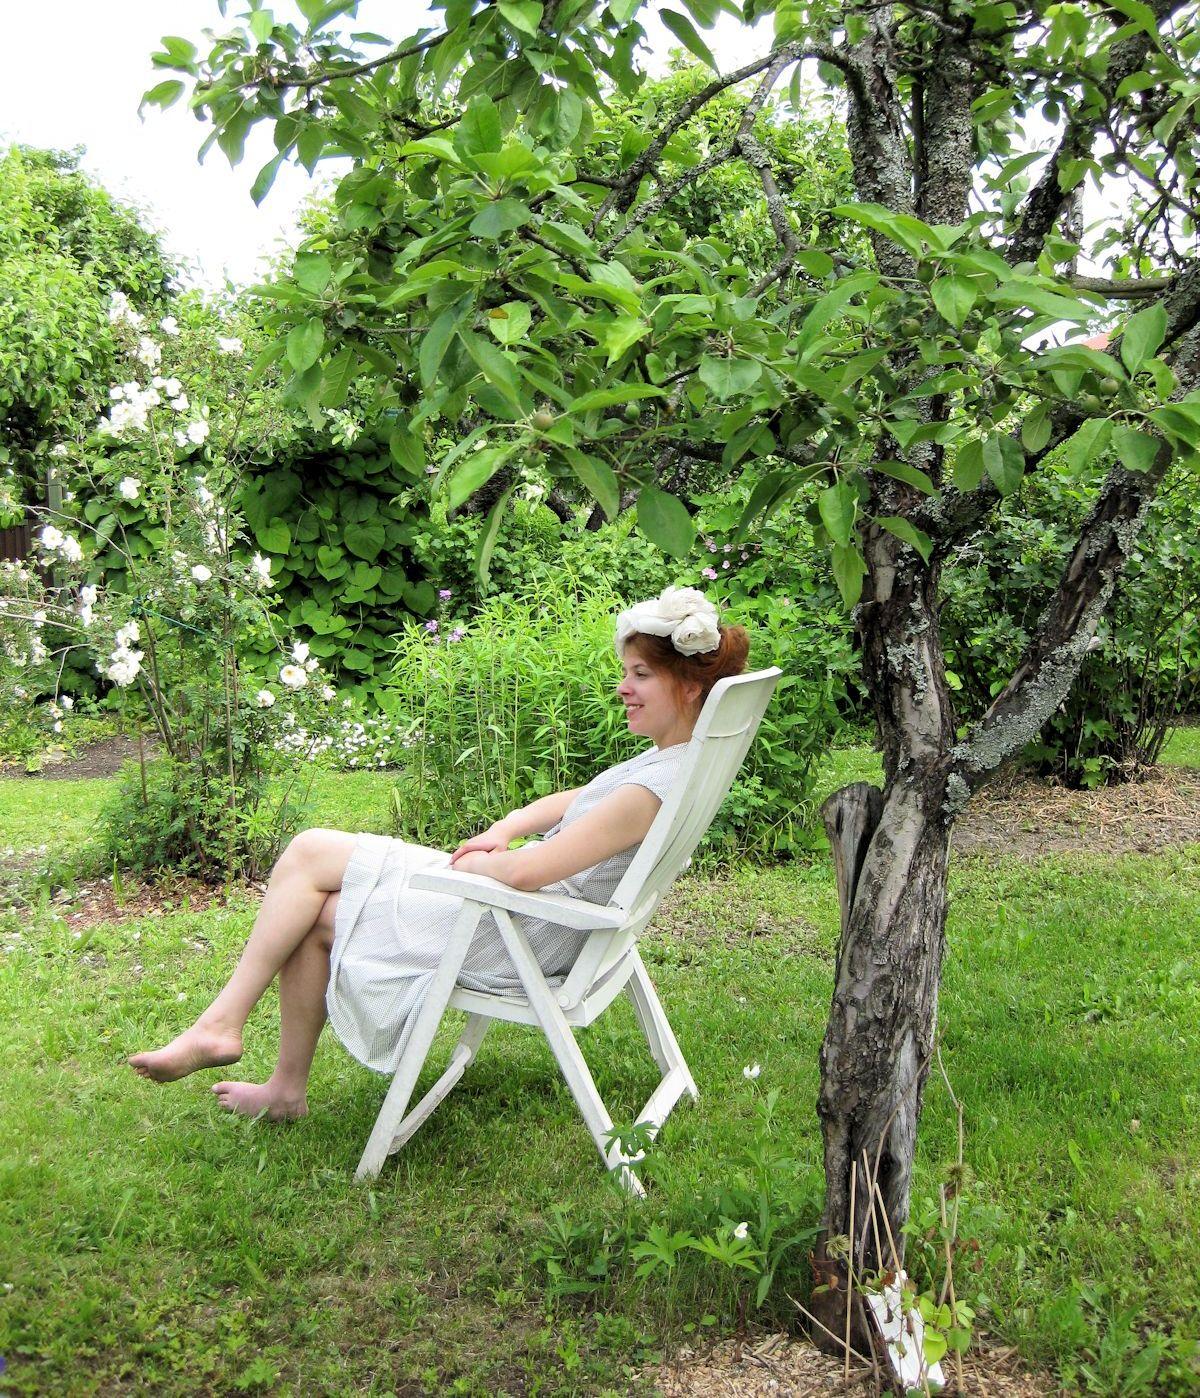 Tyttö omenapuun alla valkoisessa mekossa.